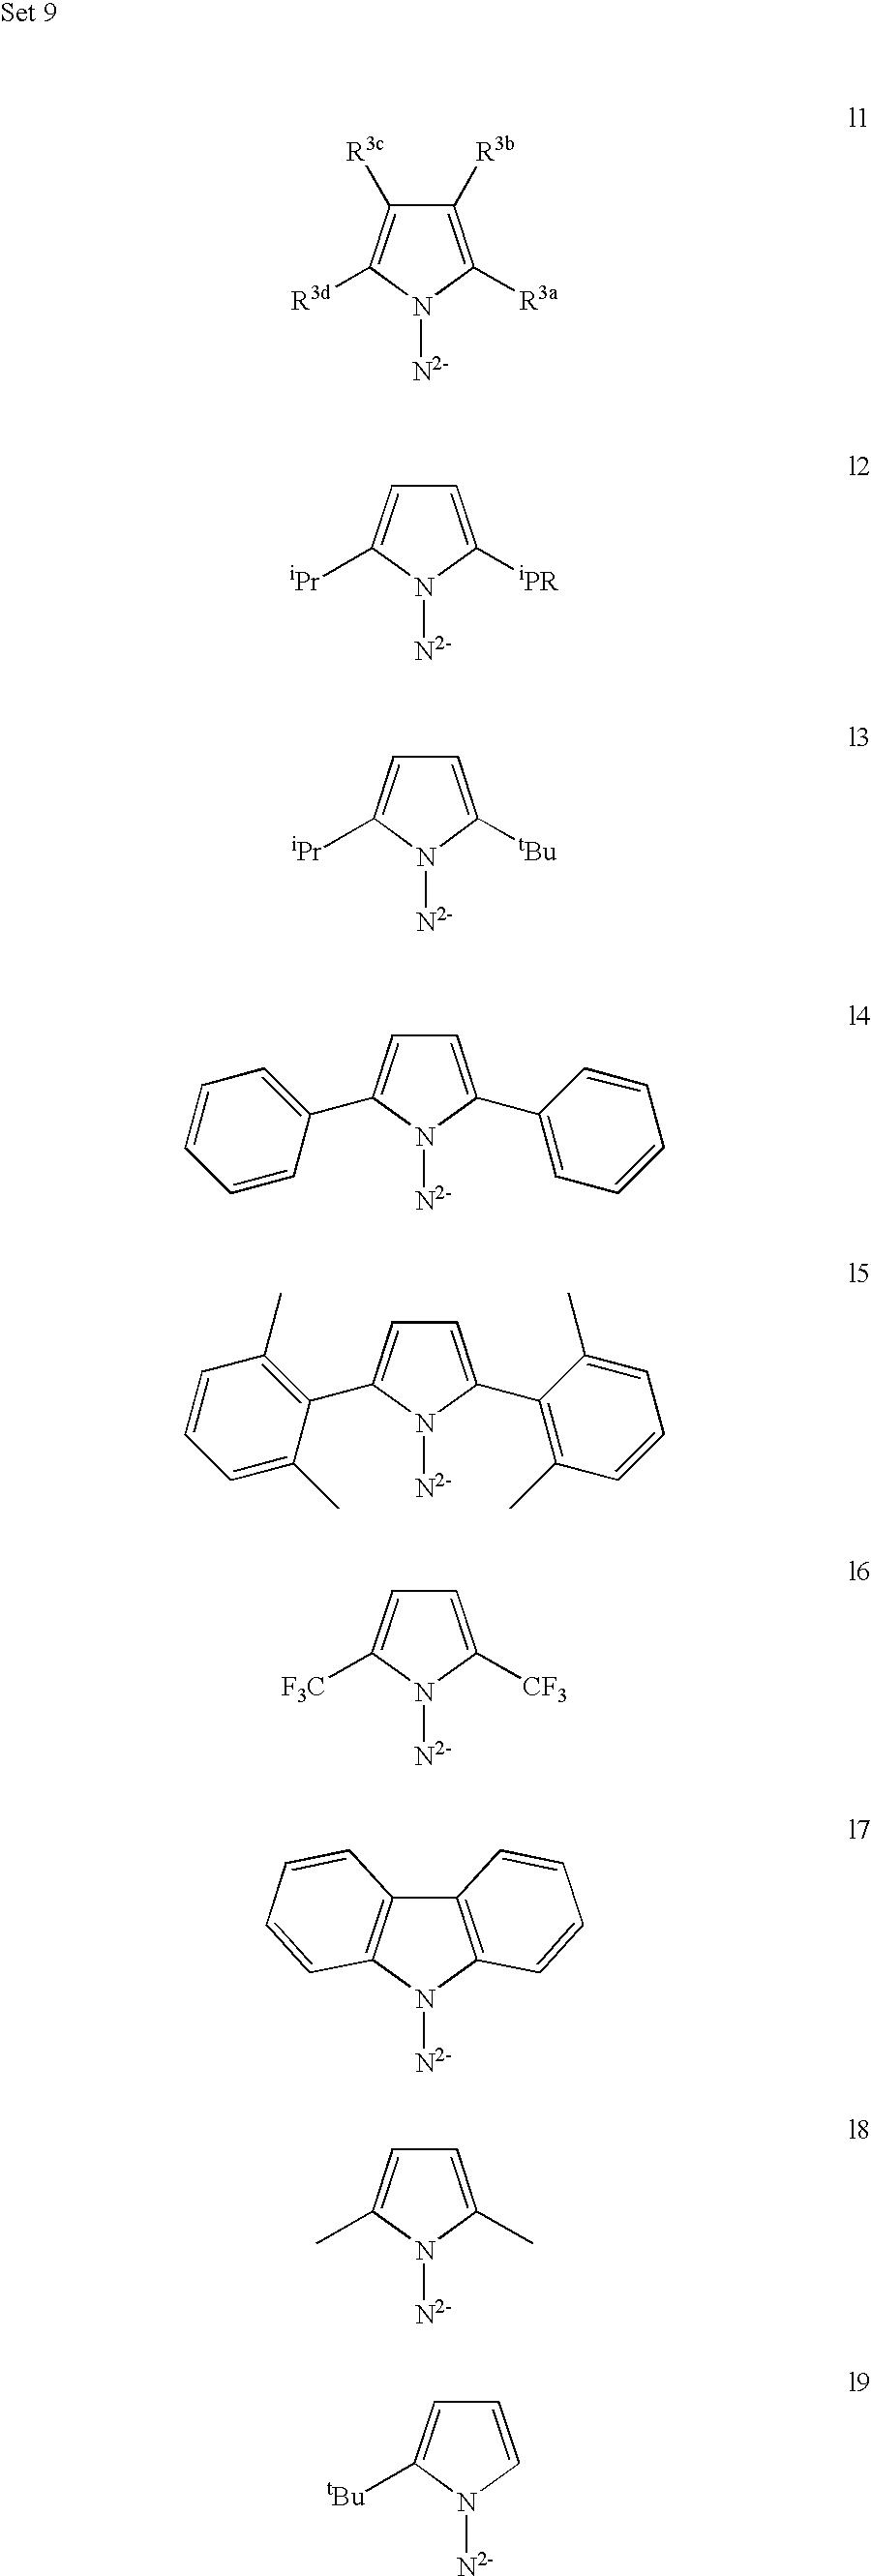 Figure US06545108-20030408-C00048